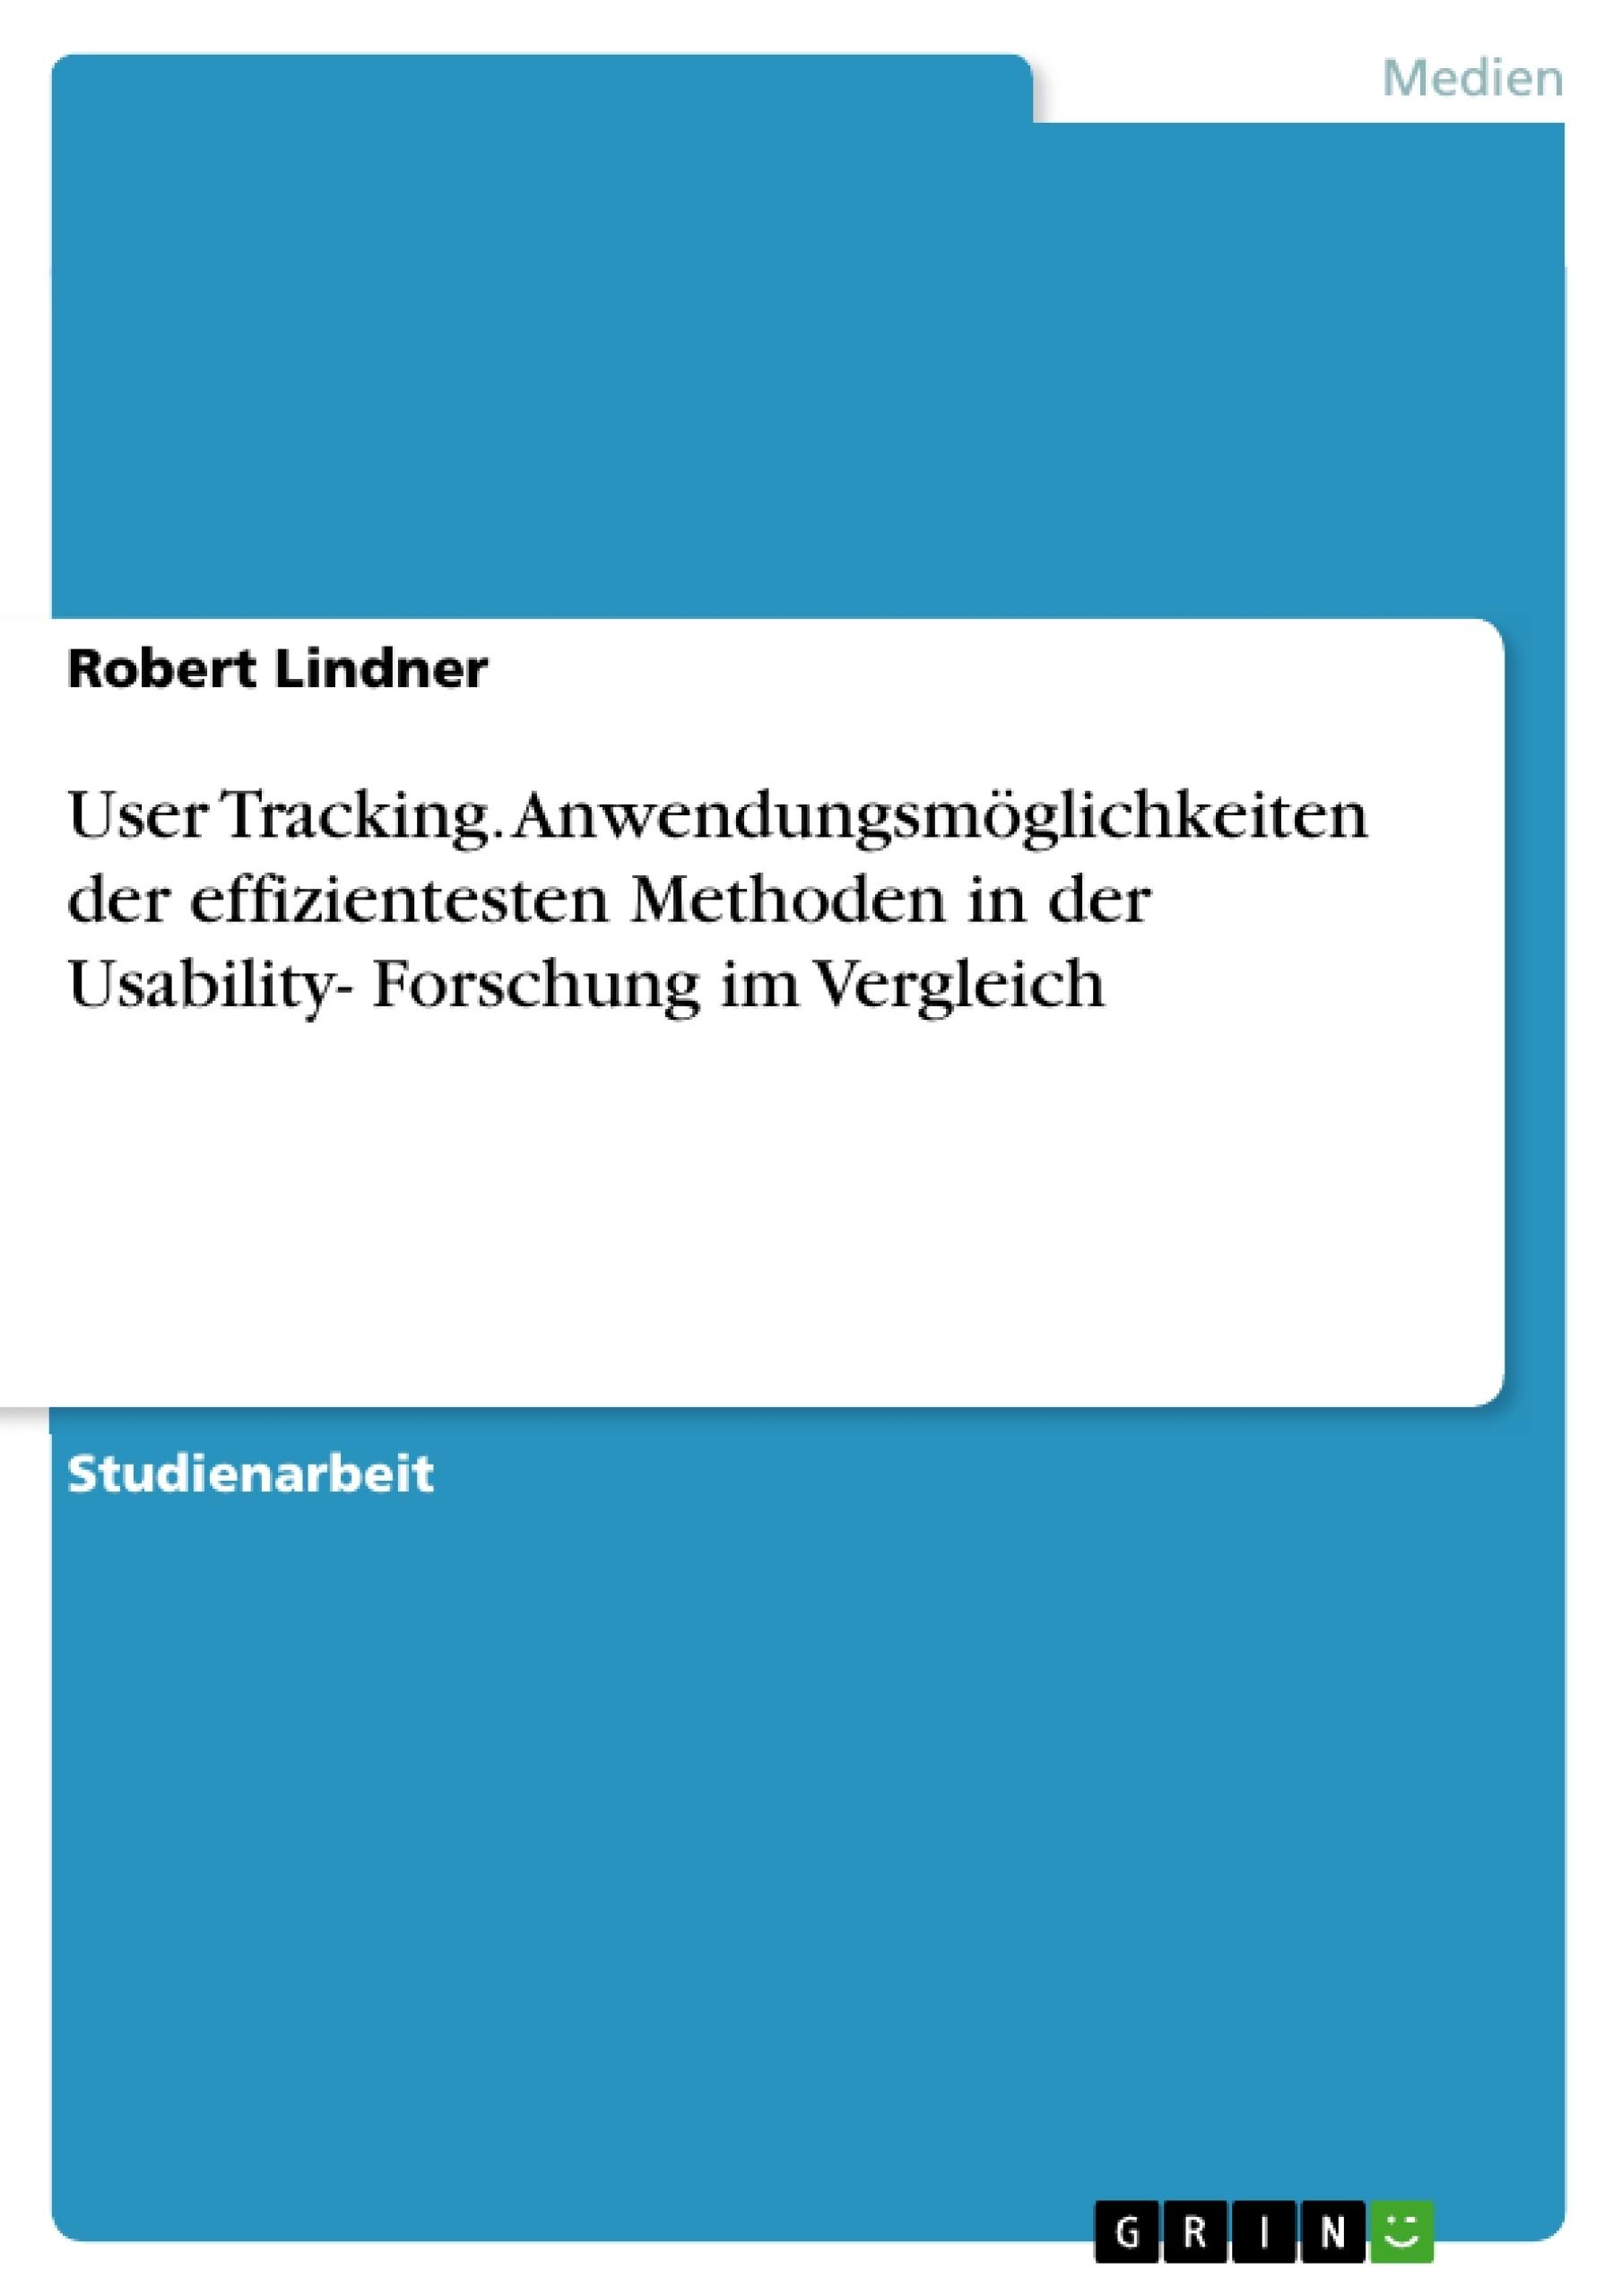 Titel: User Tracking. Anwendungsmöglichkeiten der effizientesten Methoden in der Usability- Forschung im Vergleich